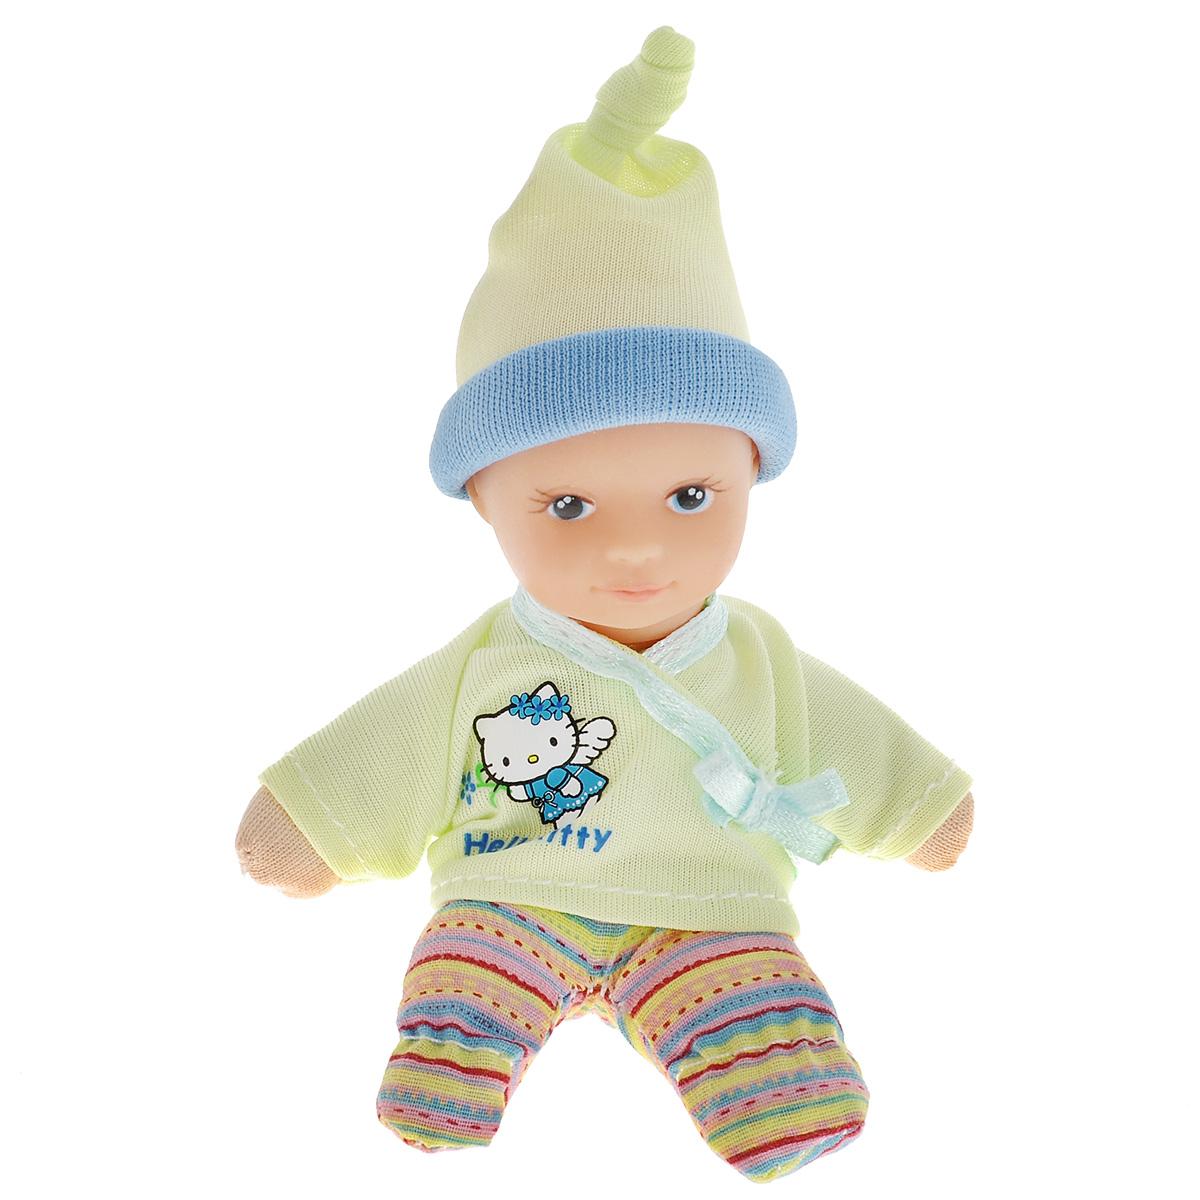 Simba Пупс Hello Kitty цвет салатовый5013363Пупс Simba Hello Kitty непременно приведет в восторг вашу дочурку. Голова пупса выполнена из прочного пластика, а тело - мягконабивное. Очаровательный малыш одет в рубашку салатового цвета, оформленную принтом с изображением кошечки Китти, а на голове у него - салатовый чепчик. Рубашка фиксируется при помощи липучки на спинке. Пупс упакован в оригинальную пластиковую бутылочку. Трогательный пупс принесет радость и подарит своей обладательнице мгновения нежных объятий. Игры с куклами способствуют эмоциональному развитию, помогают формировать воображение и художественный вкус, а также разовьют в вашей малышке чувство ответственности и заботы. Великолепное качество исполнения делают эту куколку чудесным подарком к любому празднику.